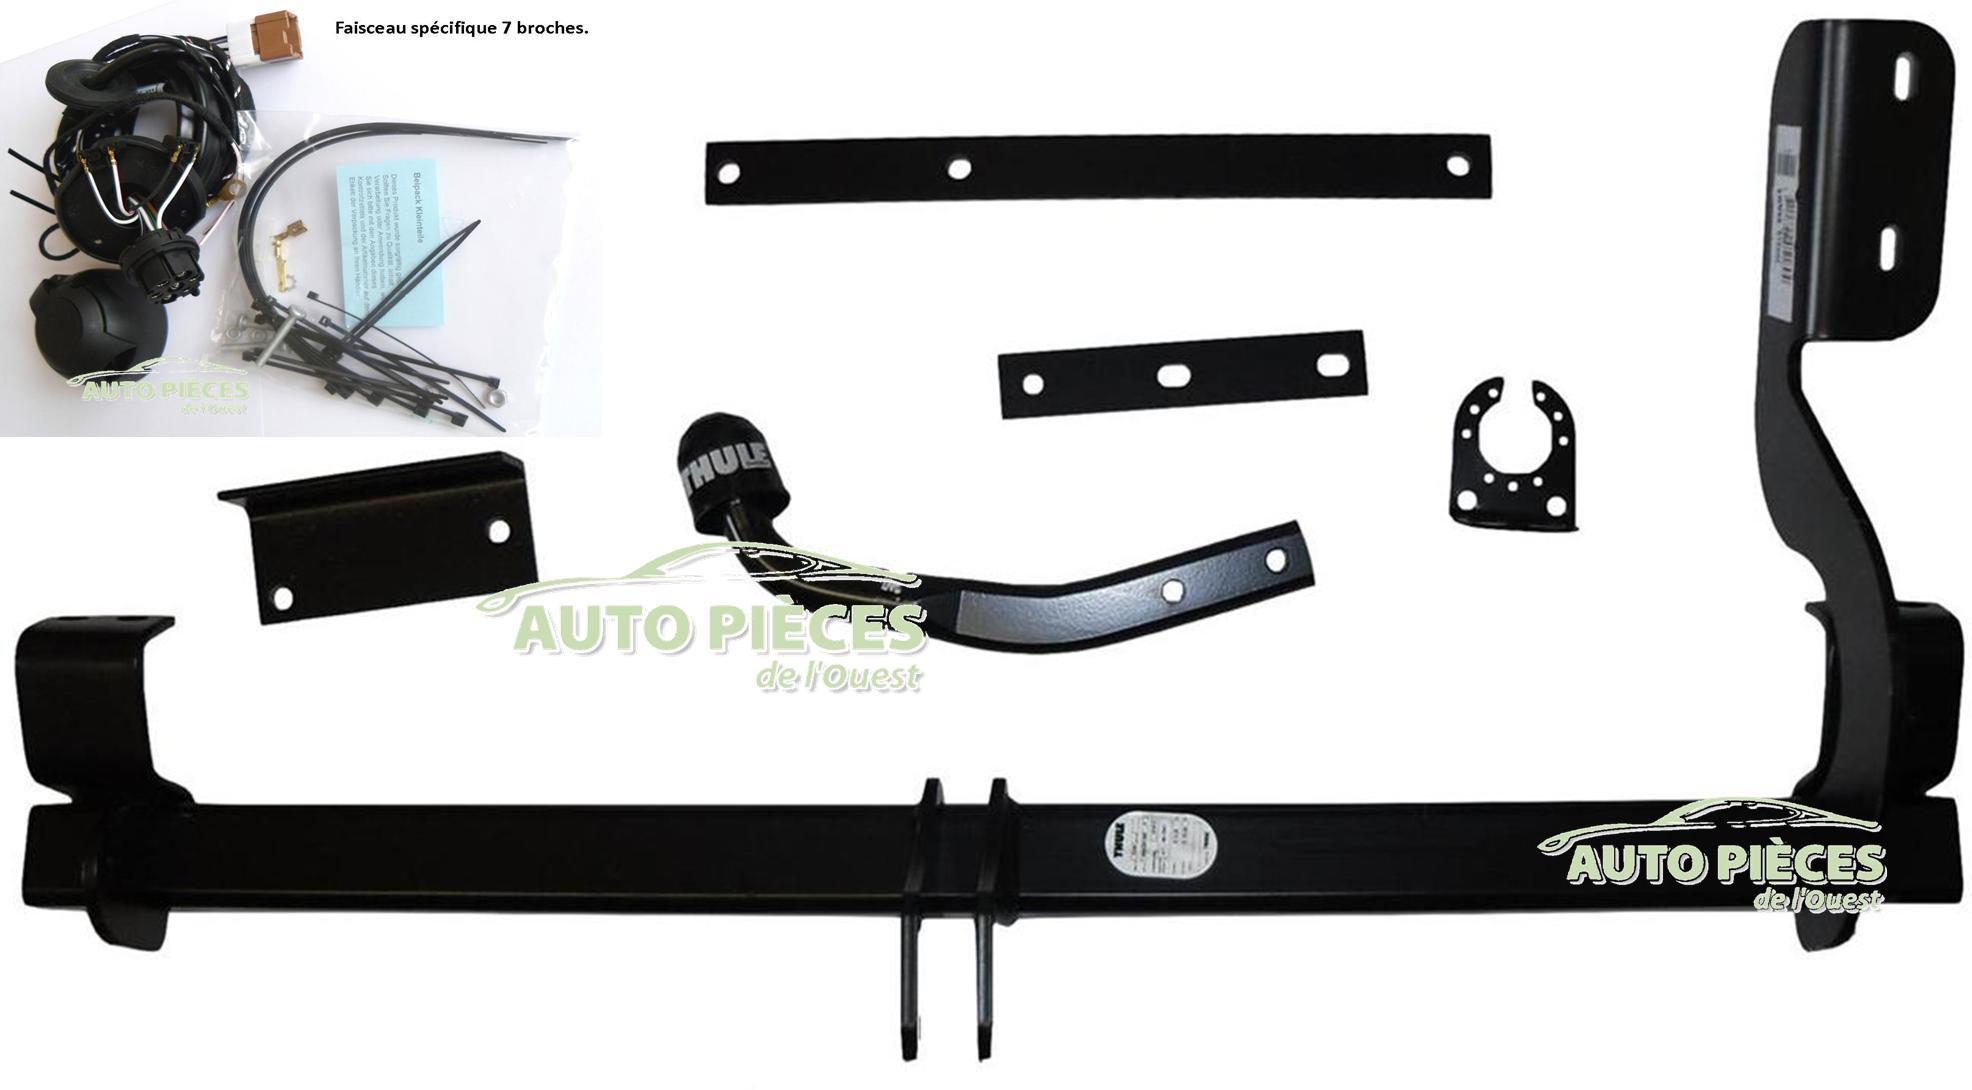 attelage volkswagen golf iv col de cygne d montable avec outils faisceau sp cifique auto. Black Bedroom Furniture Sets. Home Design Ideas